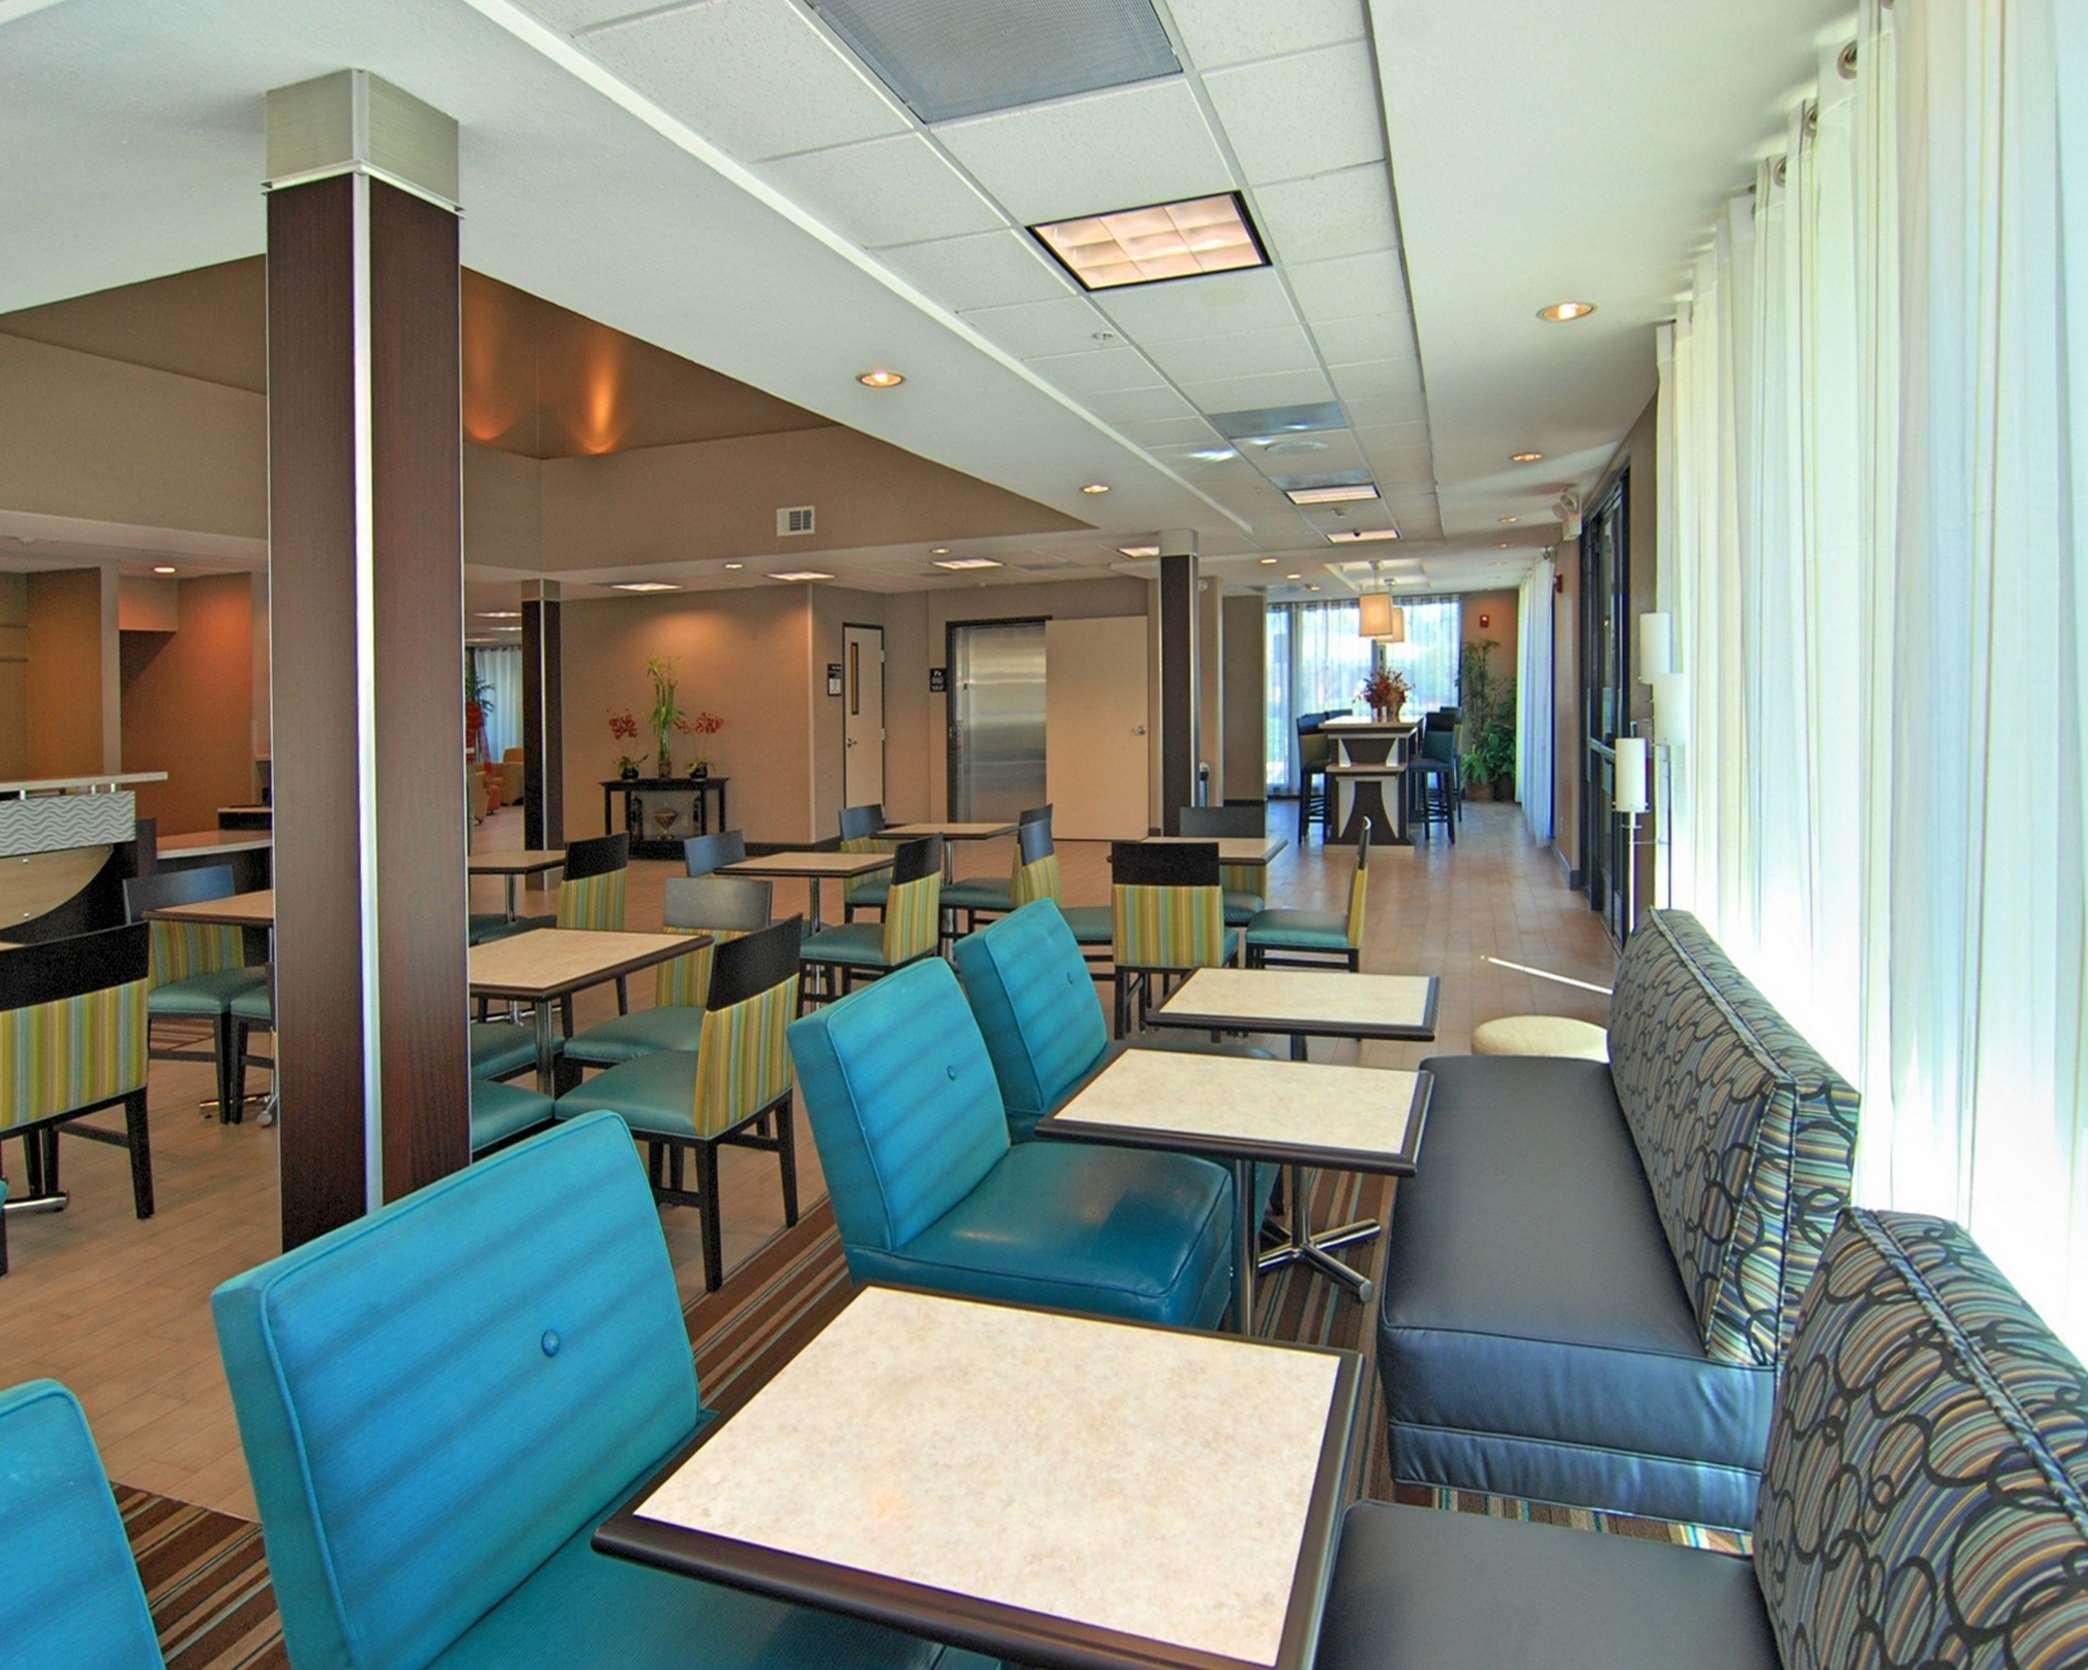 Hampton Inn & Suites Mountain View image 5